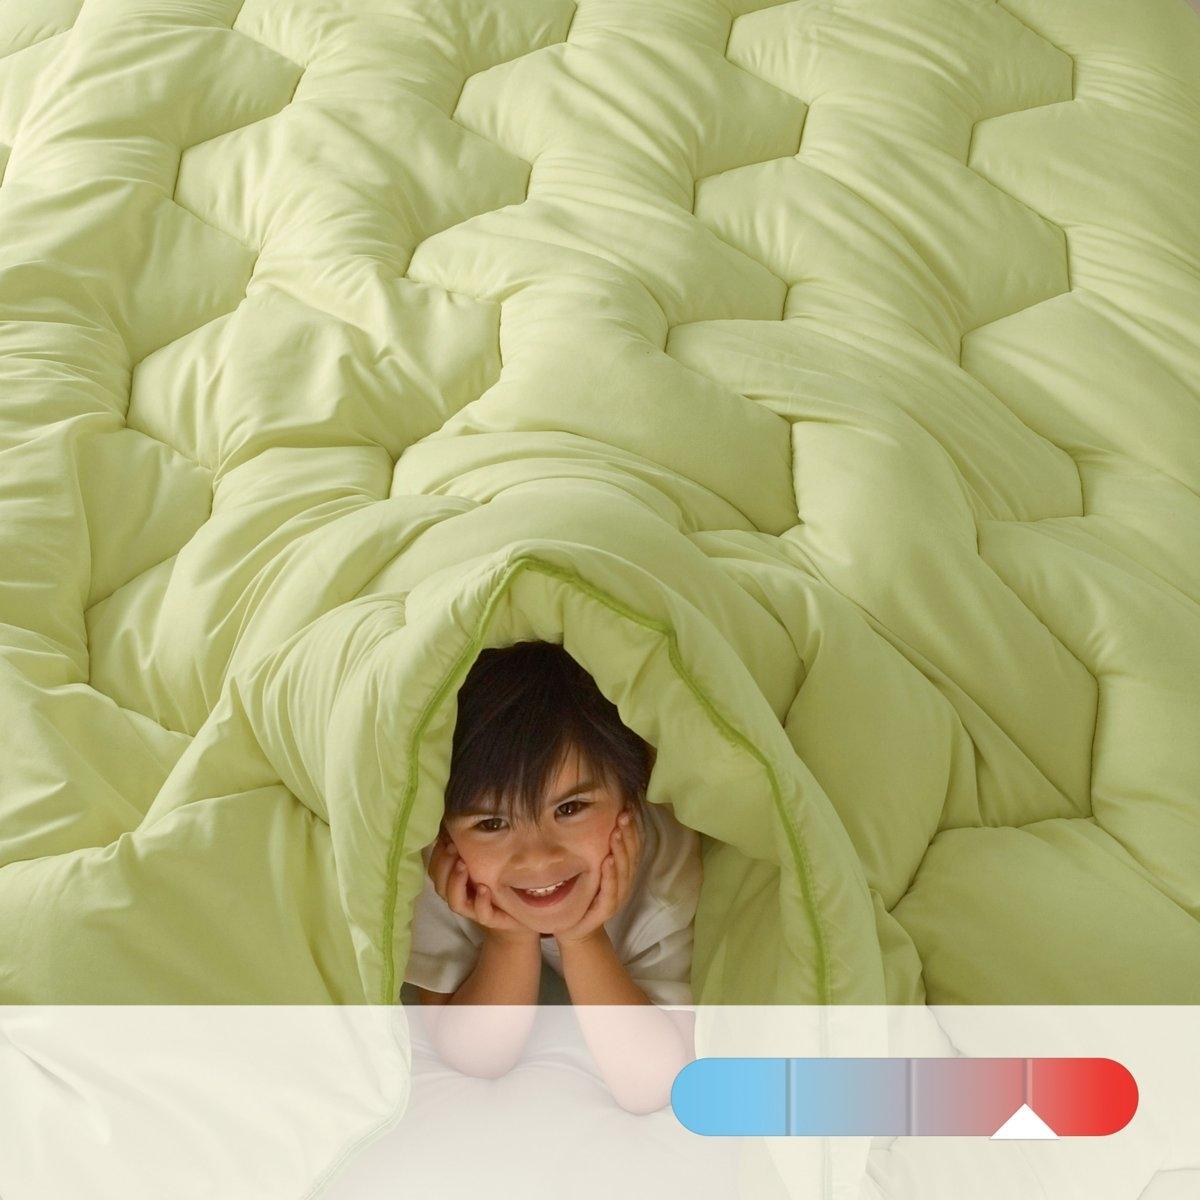 Одеяло COLOR 100% полиэстера, 500 гм?Описание:Одеяло R?verie Color: можно использовать без пододеяльника!500 г/м2   : теплое одеяло для прохладных помещений (15-16 ° максимум.Наполнитель: 100% полиэстера с полыми волокнами и силиконовым покрытием.   Прострочка шестиугольниками в тон, отделка кантом, укрепленная двойная строчка по краю.   Покрытие из трикотажа 50% полиэстера, 50% хлопка с покрытием Teflon (против пятен).   Отделка контрастным кантом.   Стирка при 60°.   Поставляется в транспортировочном чехле.<br><br>Цвет: зеленый анис,фиалковый,шоколадно-каштановый<br>Размер: 240 x 220  см.200 x 200  см.200 x 200  см